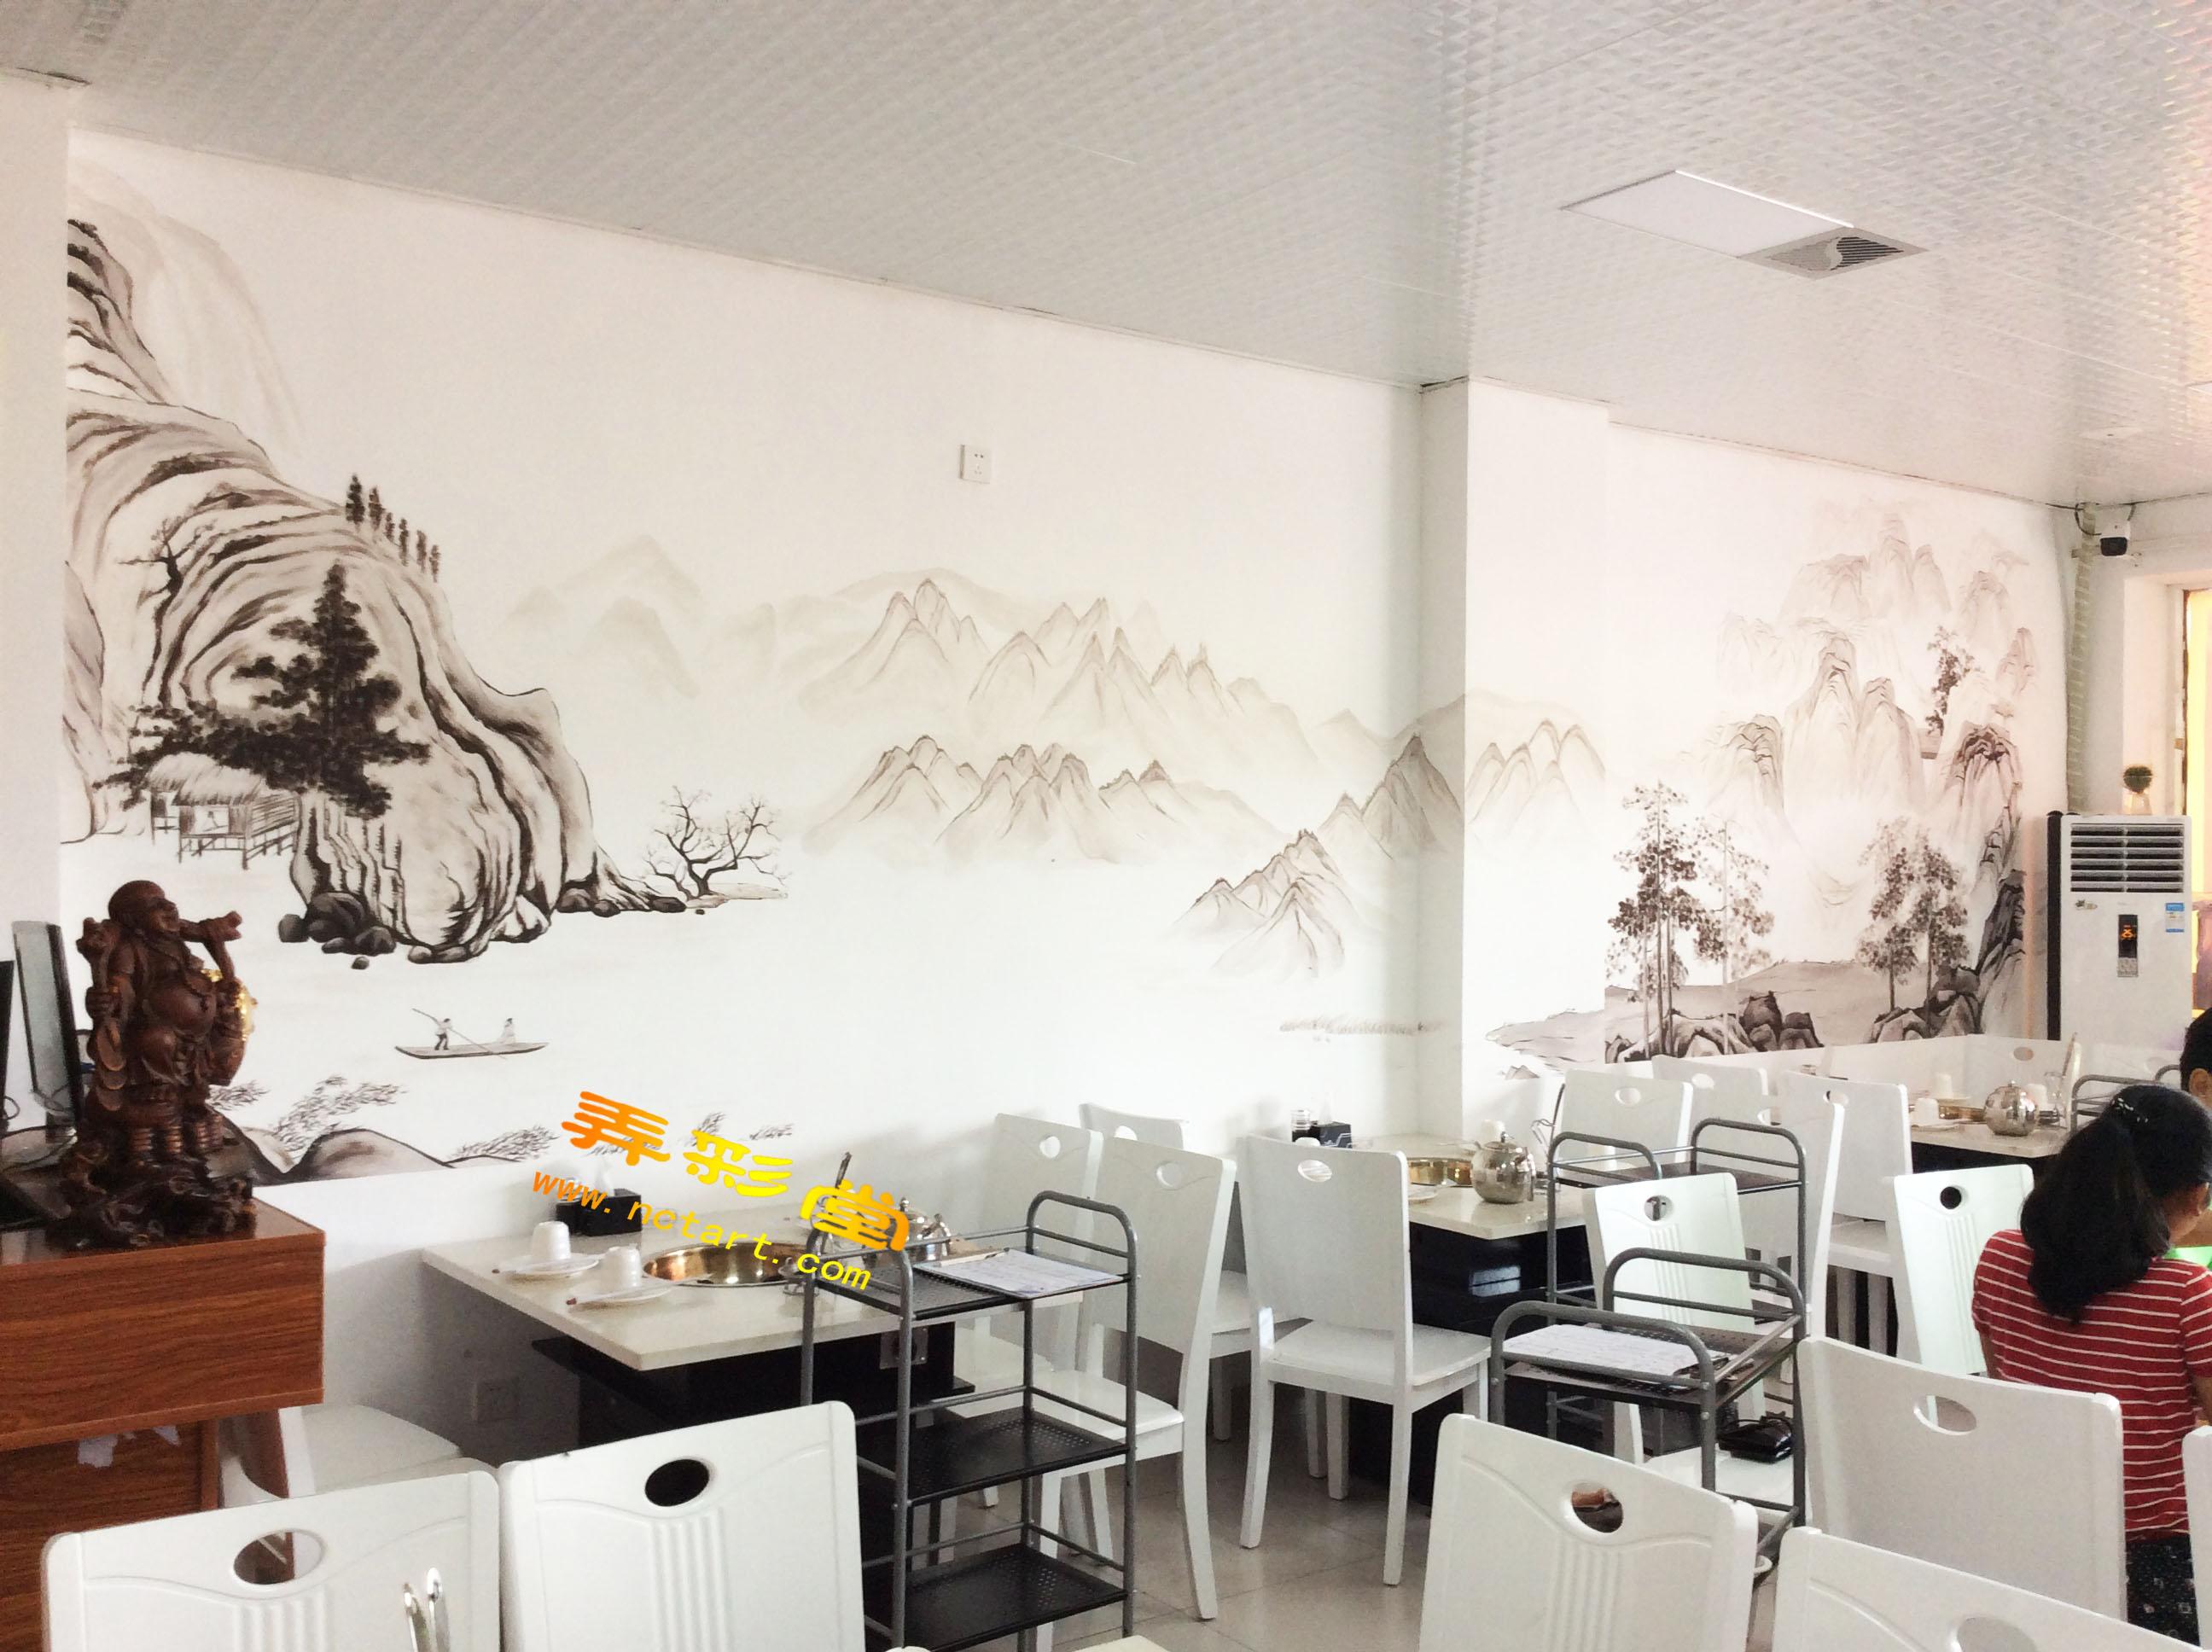 湖南衡阳哪里有专业做墙绘墙画的,衡阳手绘墙或者彩绘